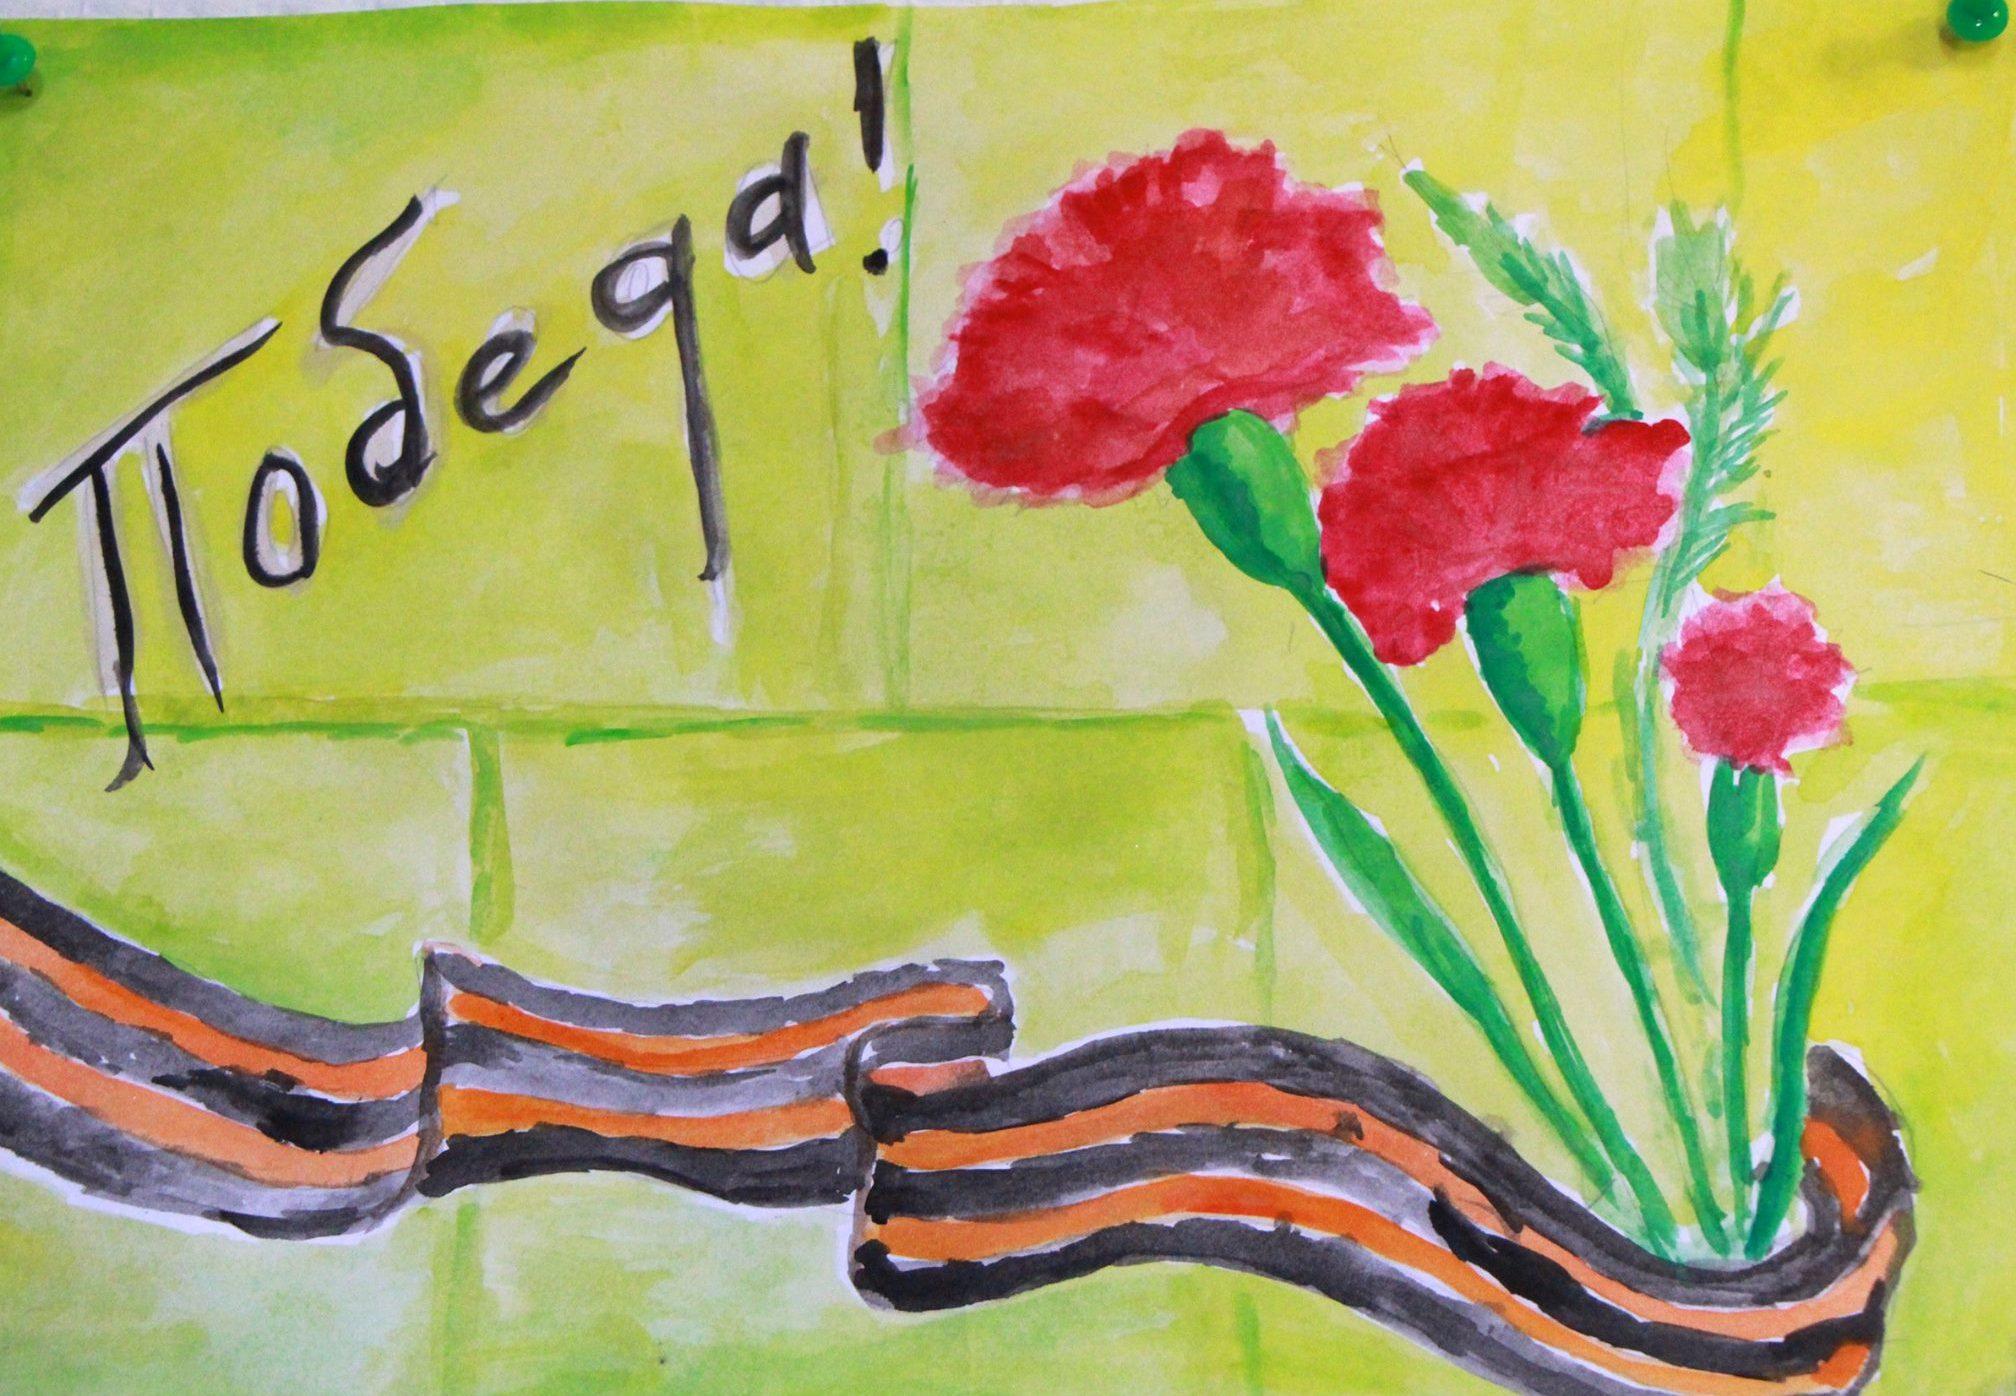 Как нарисовать с 9 мая открытку, картинках красивая